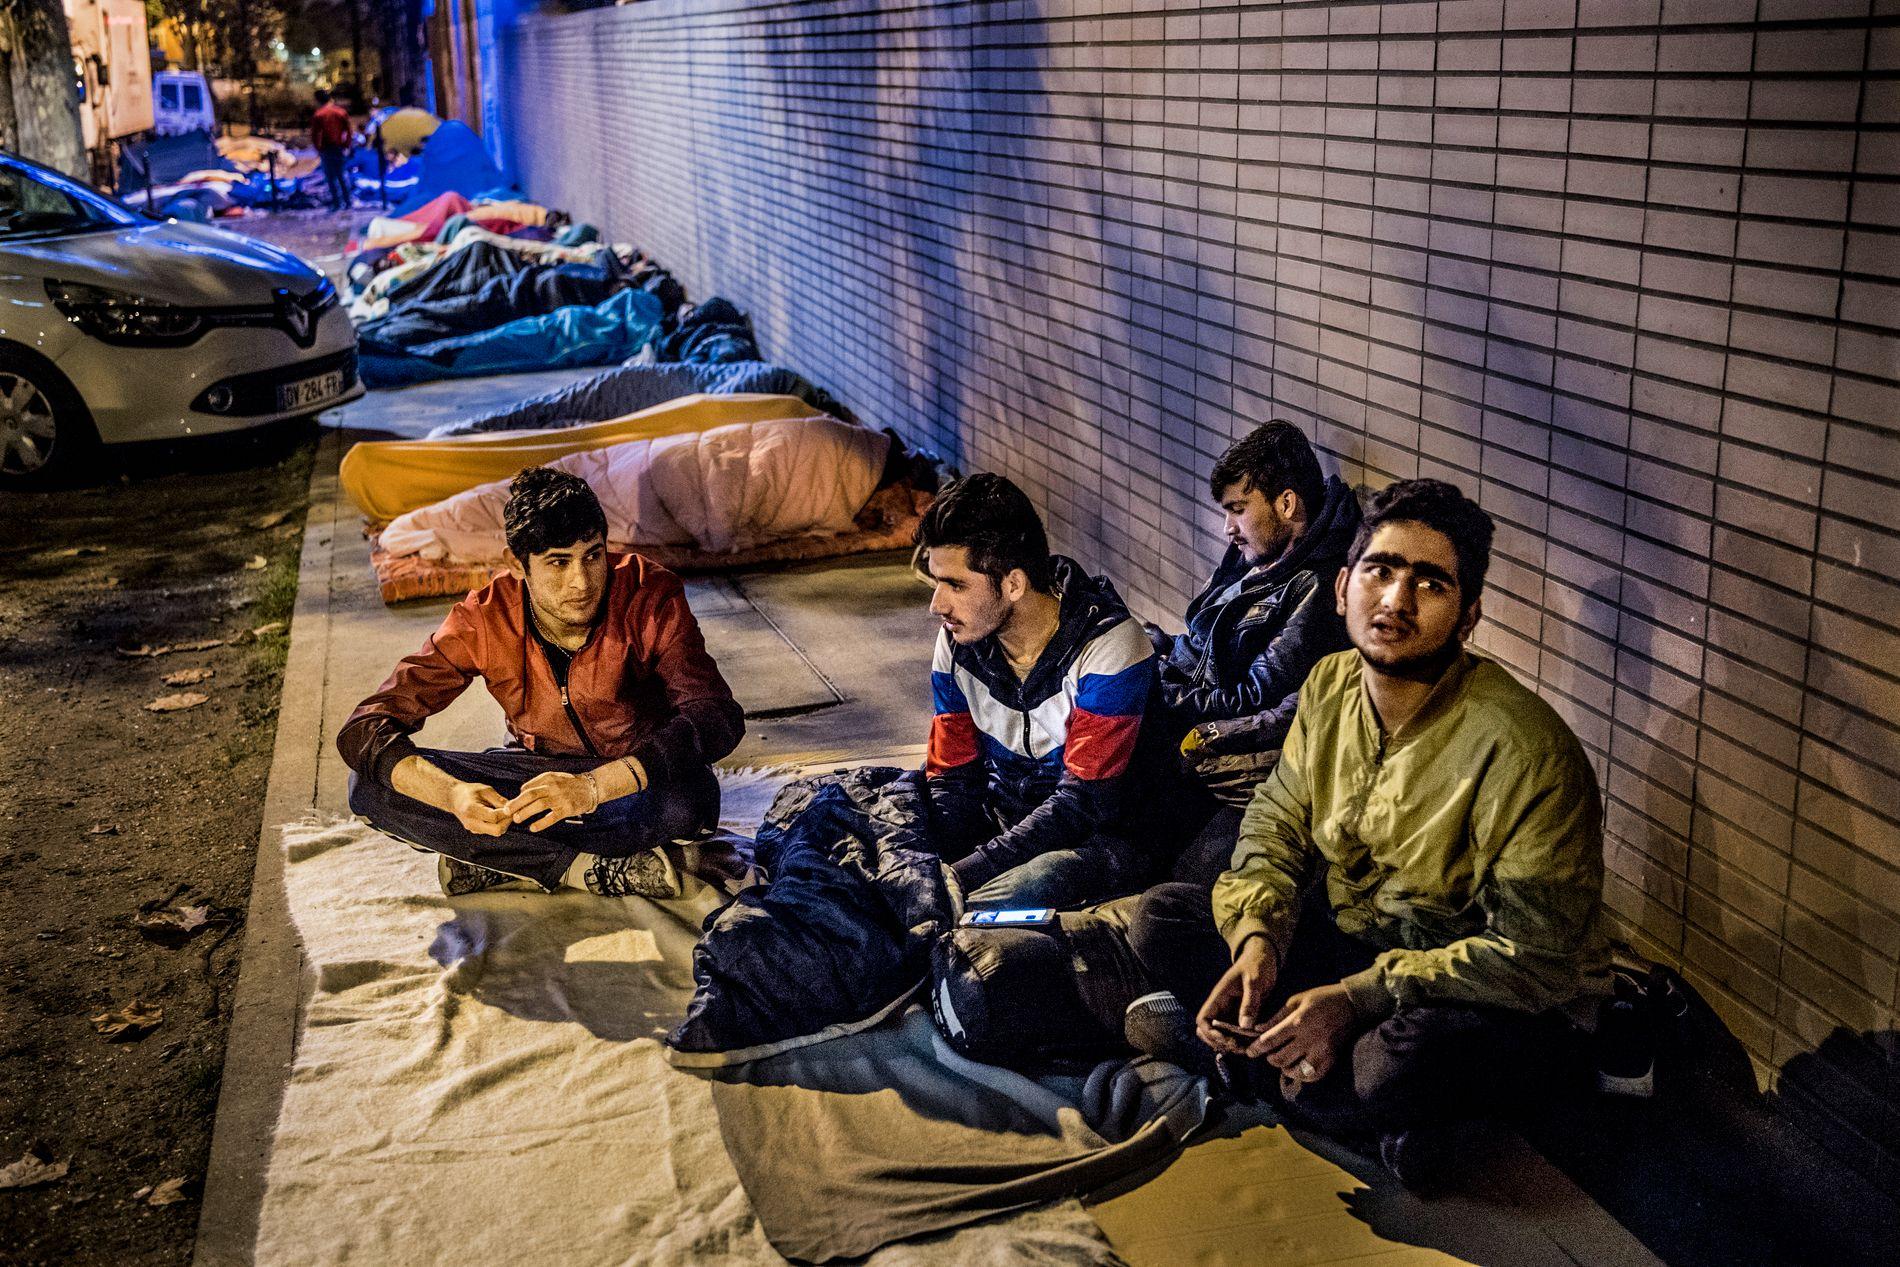 «HJEMME»: De fire guttene Aref, Dadshah, Ihsahullah og Yasin har alle bodd på mottak i Norge, men fikk bare midlertidig opphold til de fylte 18 år og dro fra Norge før 18-årsdagen. Her er deres seng for kvelden, i en mørk gate nord i Paris.